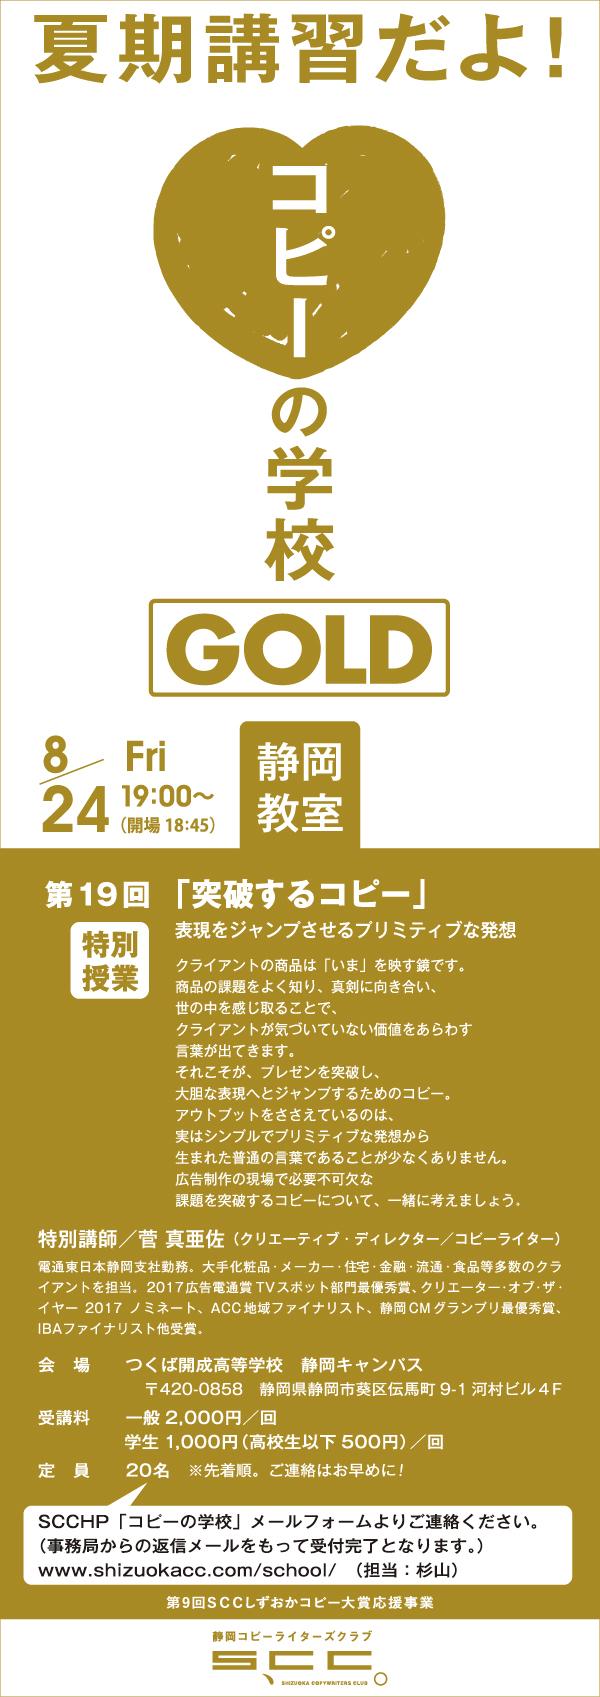 「コピーの学校 静岡教室」第19回特別授業【GOLD】突破するコピー